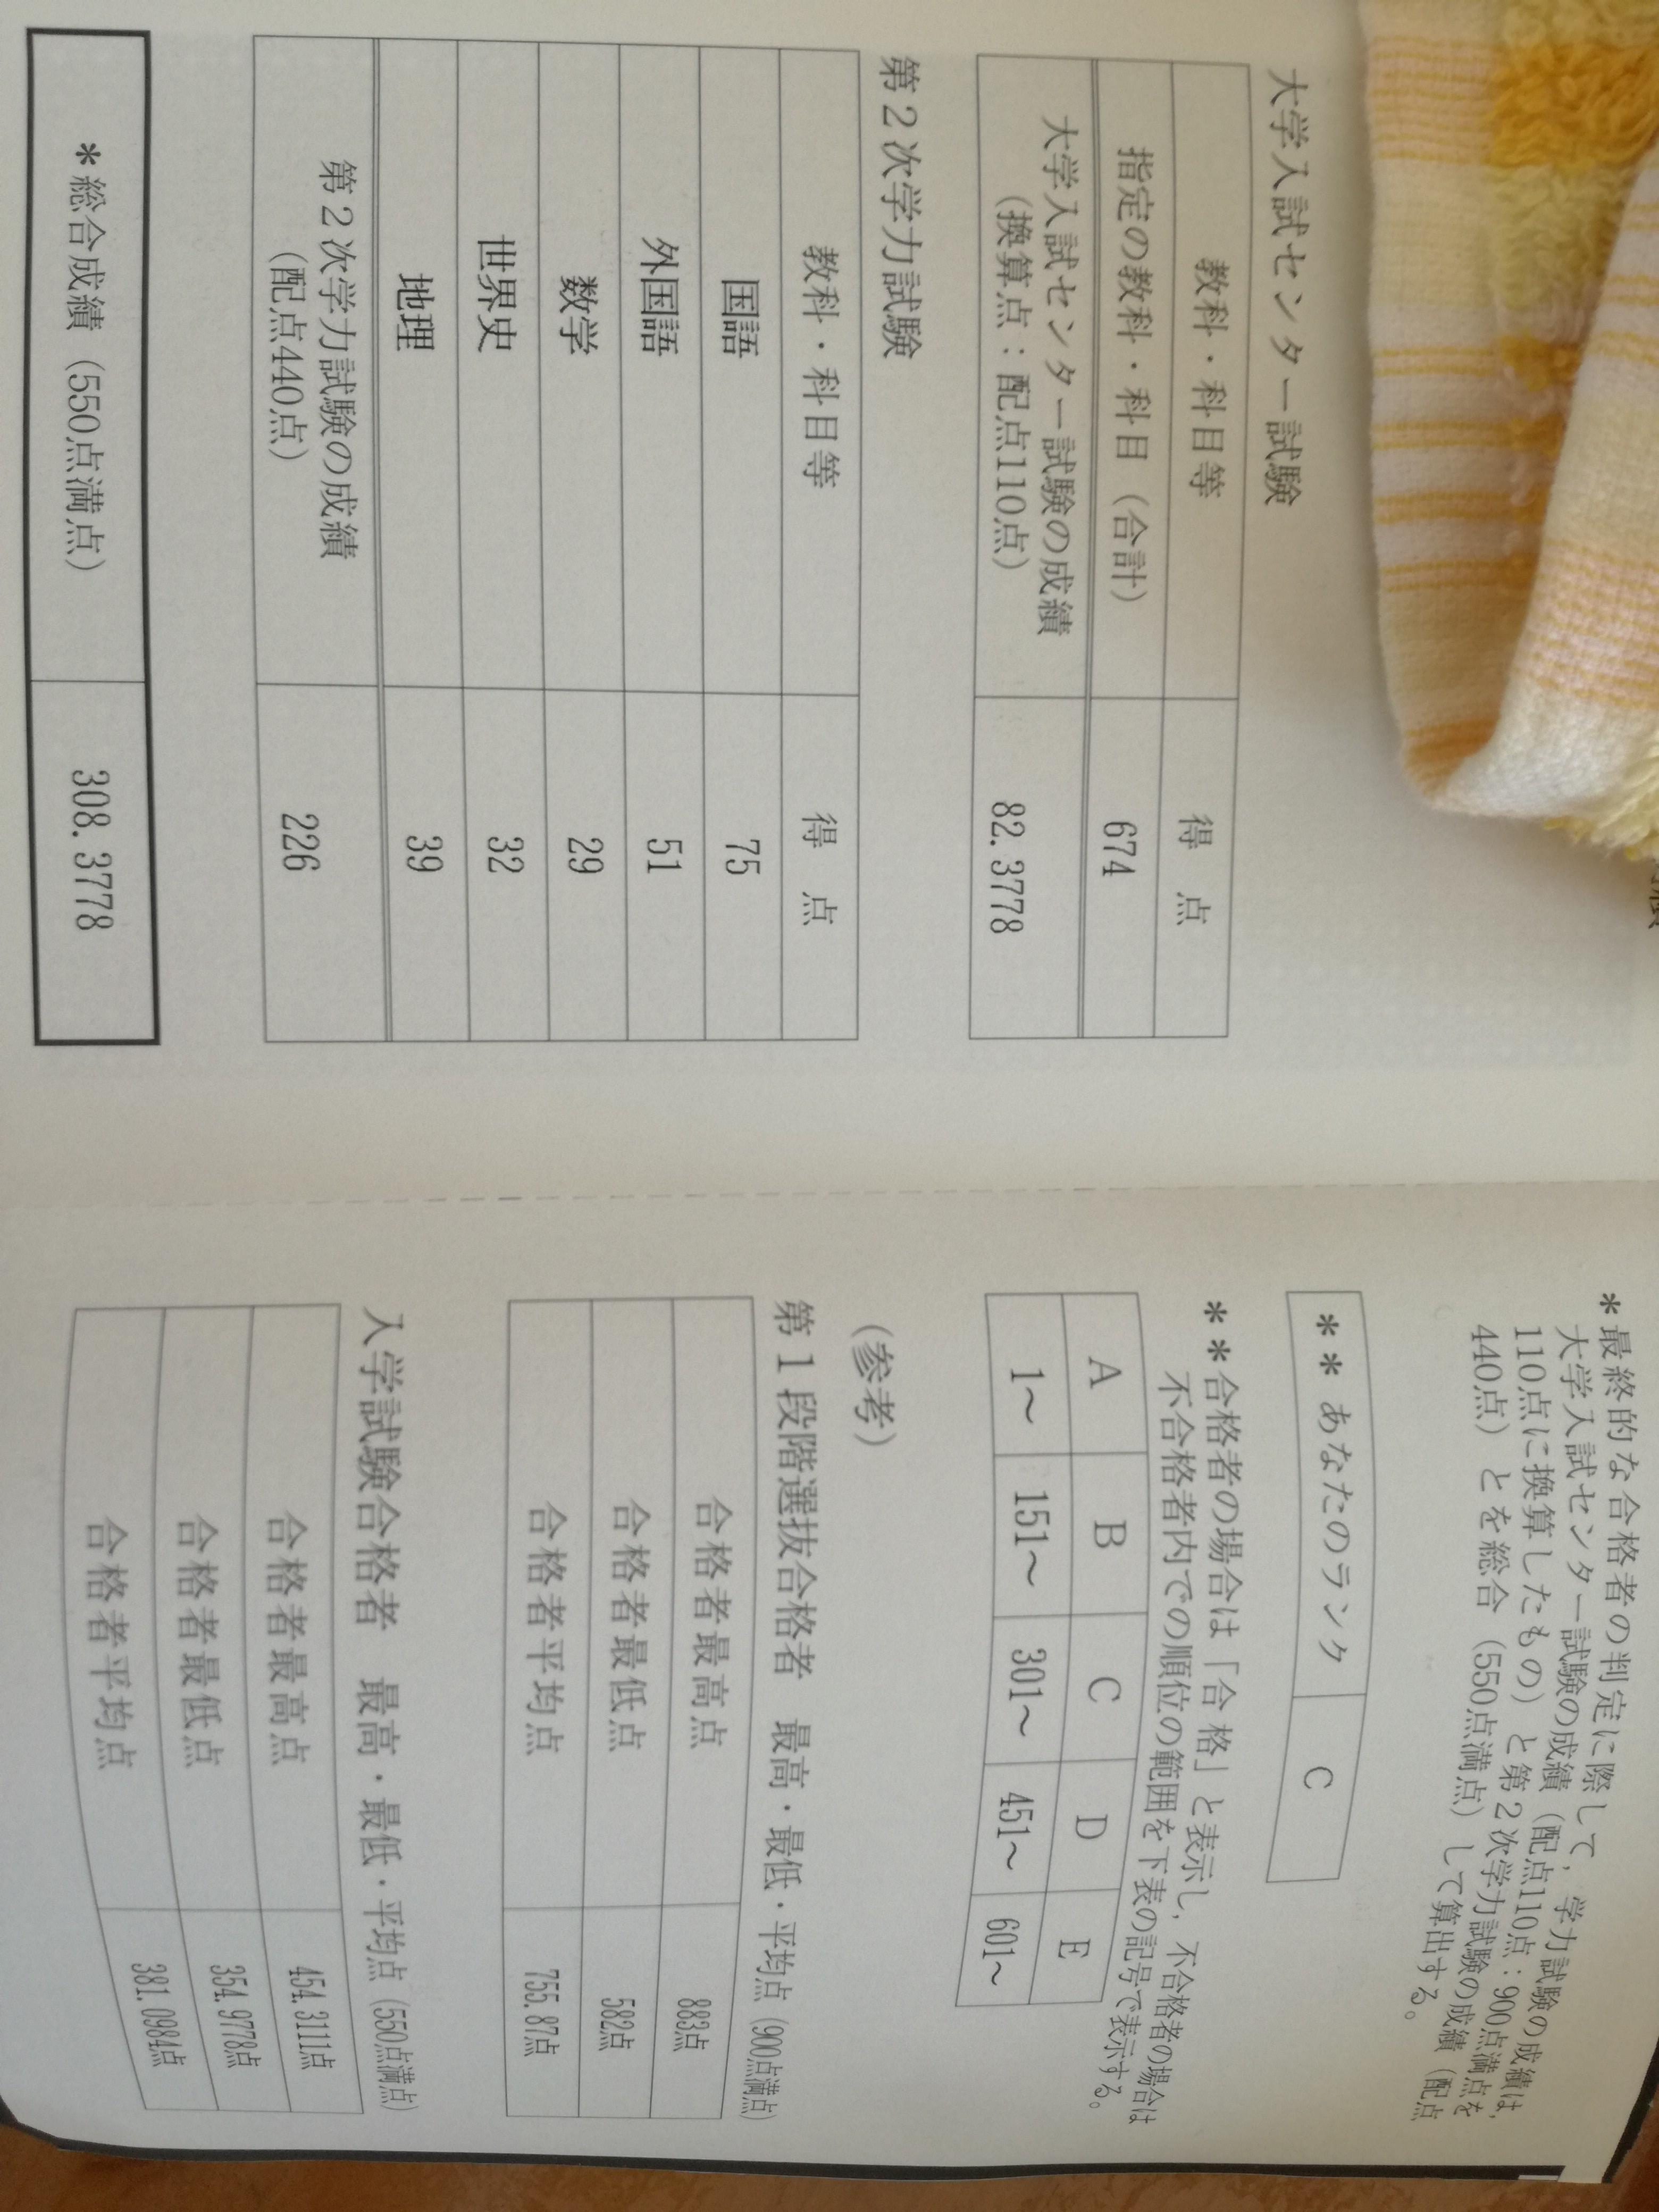 f:id:ajinnokousatu:20180312130711j:plain